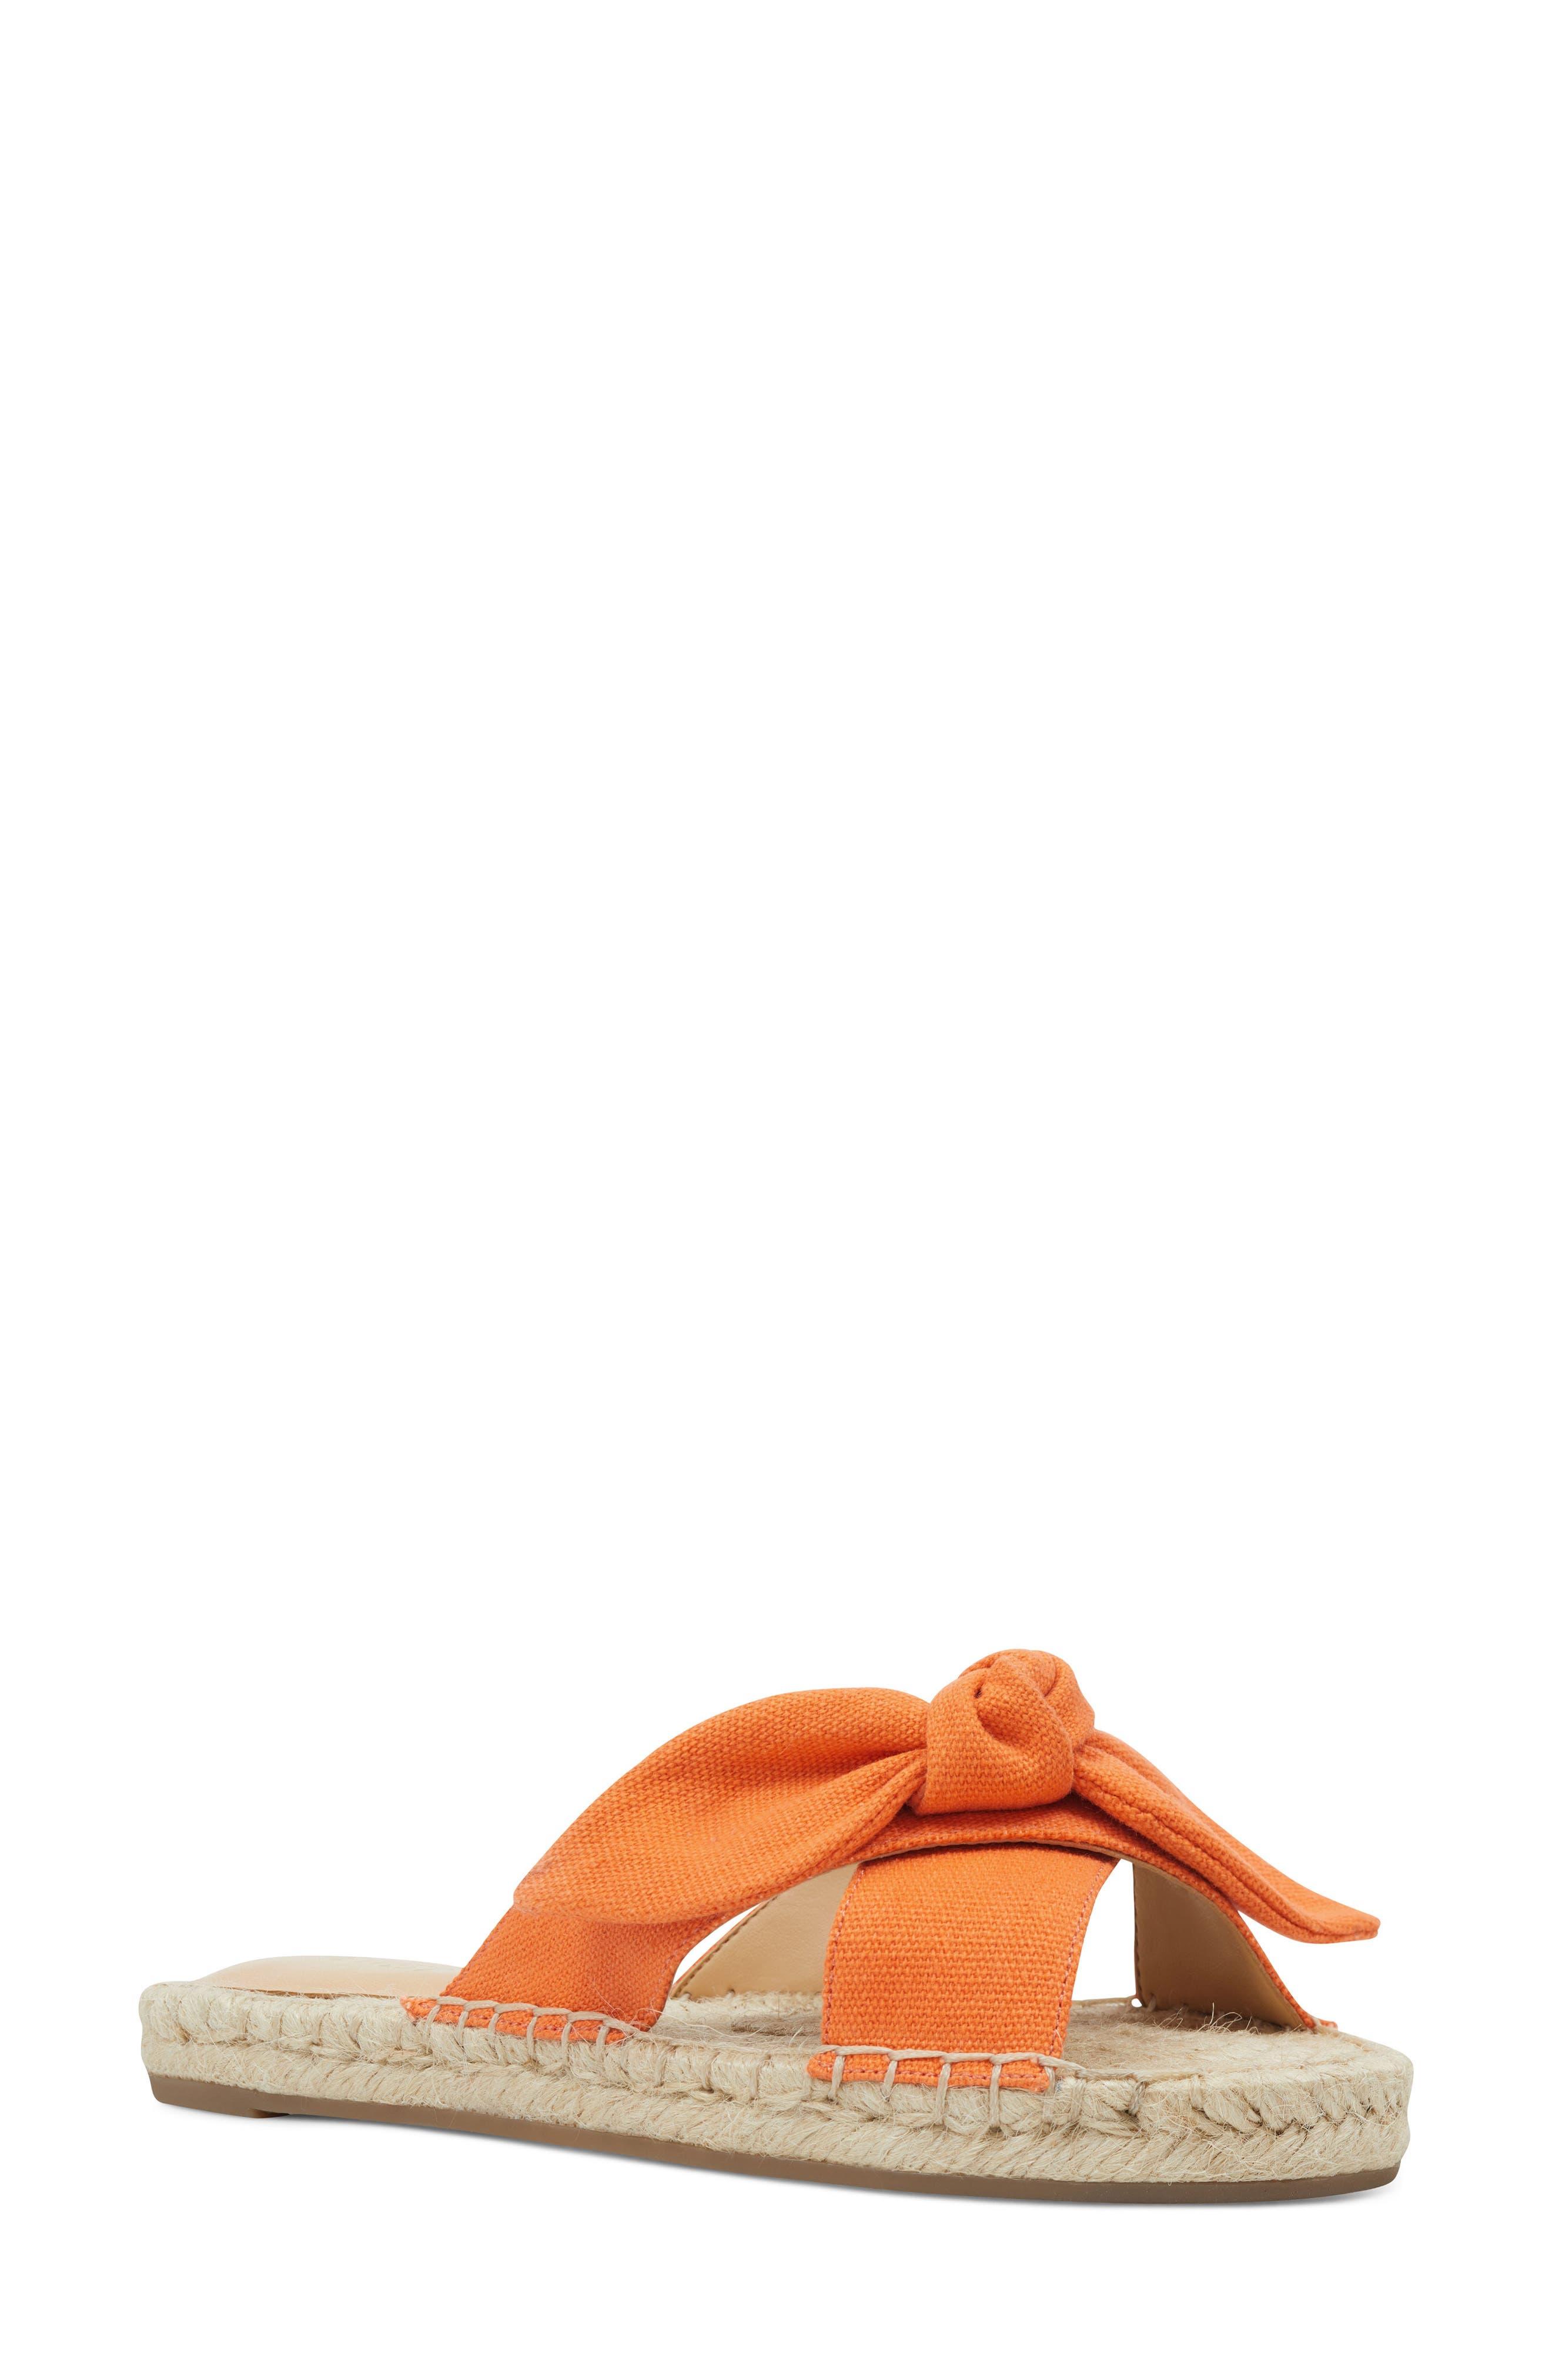 Nine West Brielle Espadrille Slide Sandal- Orange